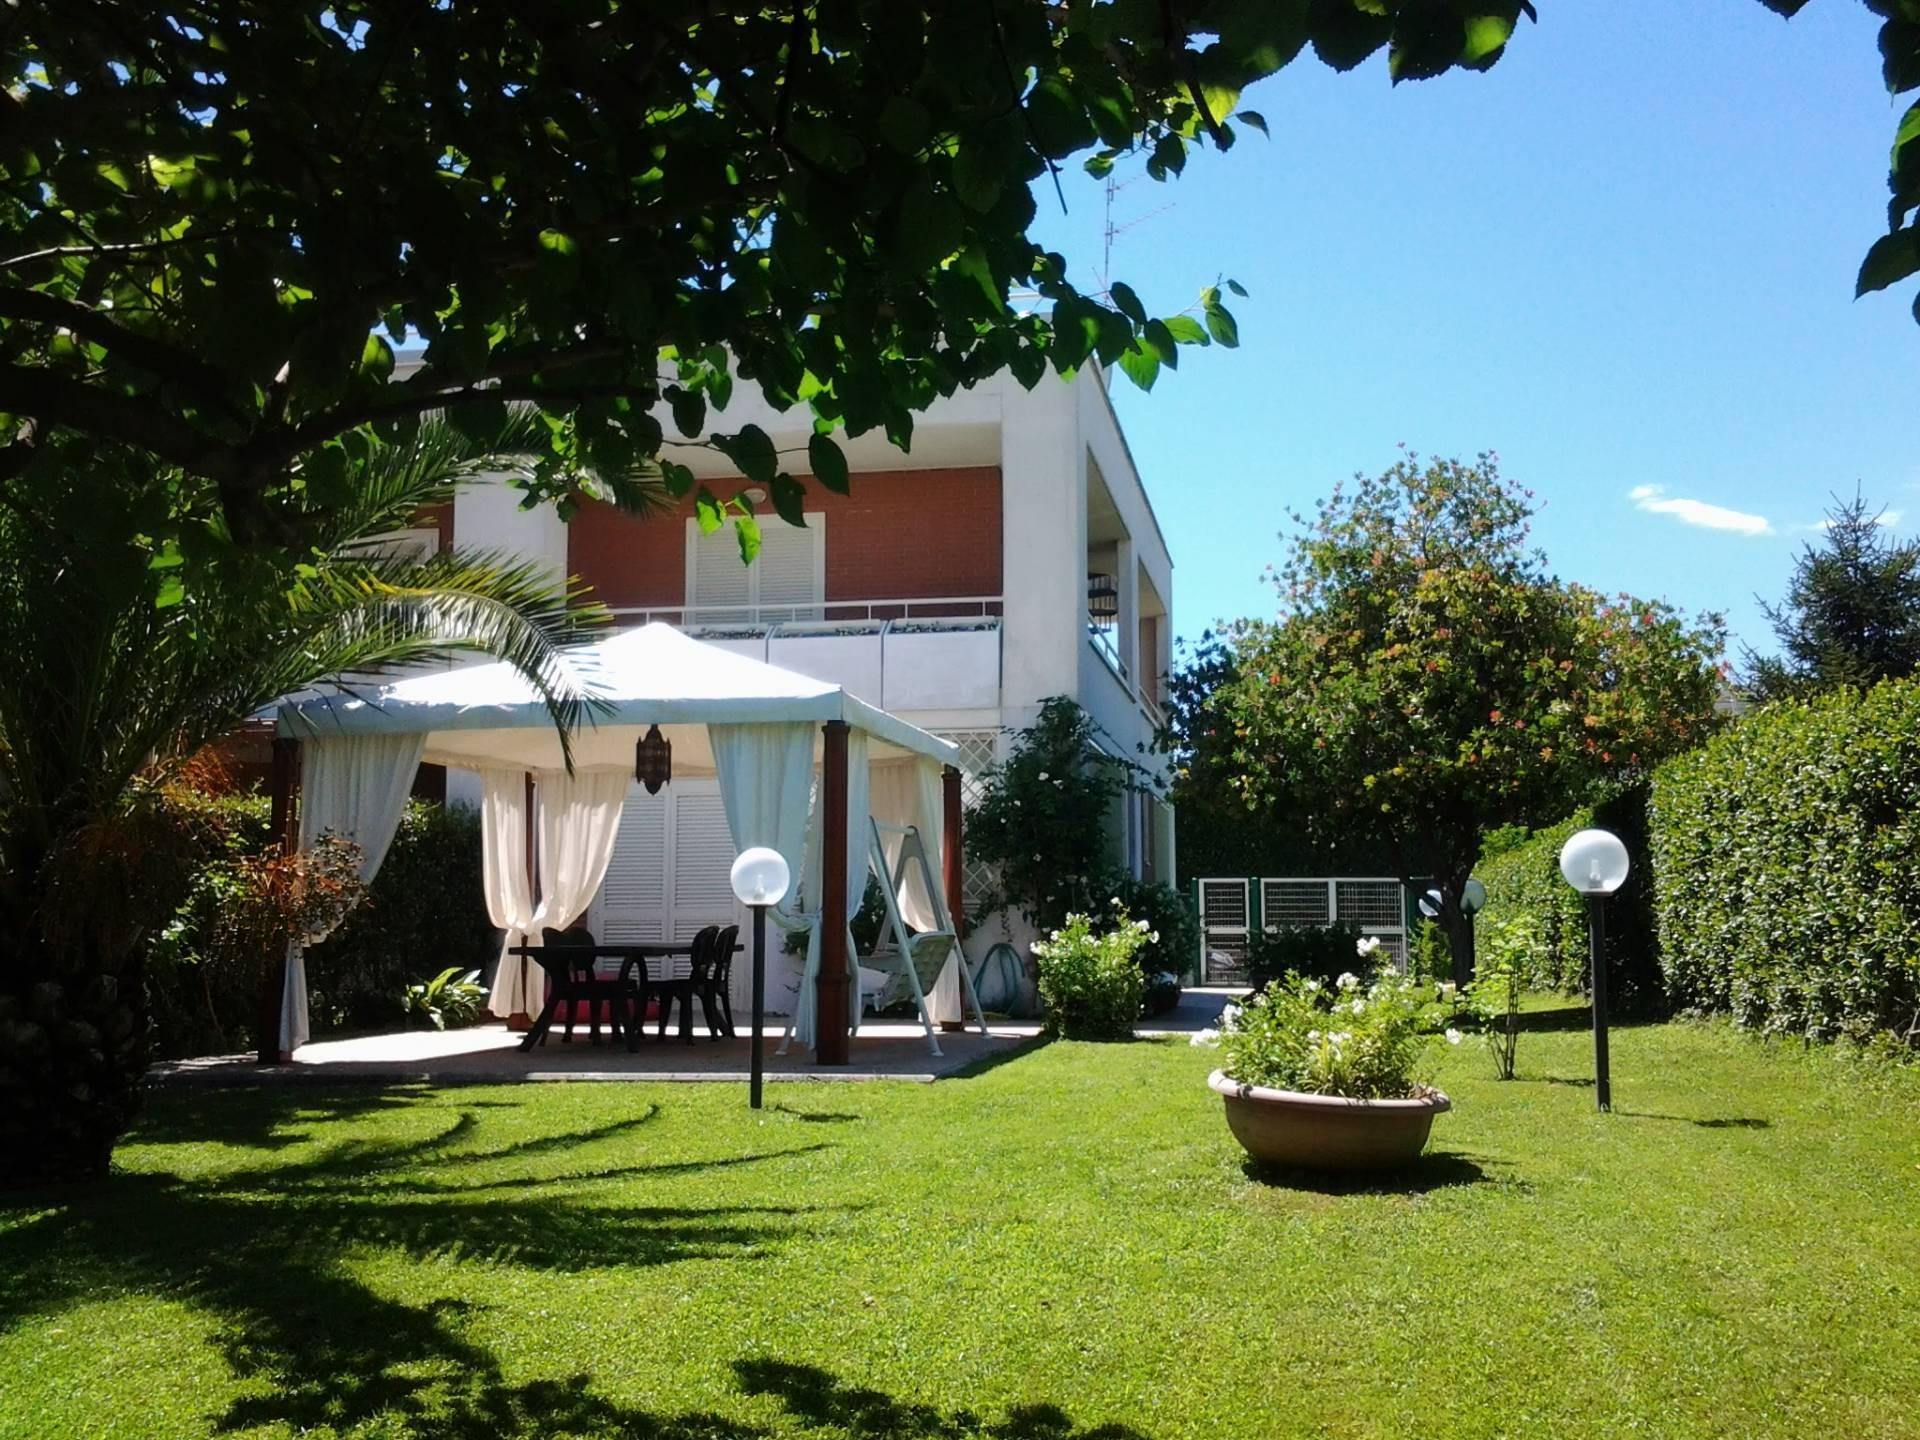 Villa Bifamiliare in vendita a Nettuno, 4 locali, zona Località: S.aBarbara, prezzo € 320.000   CambioCasa.it